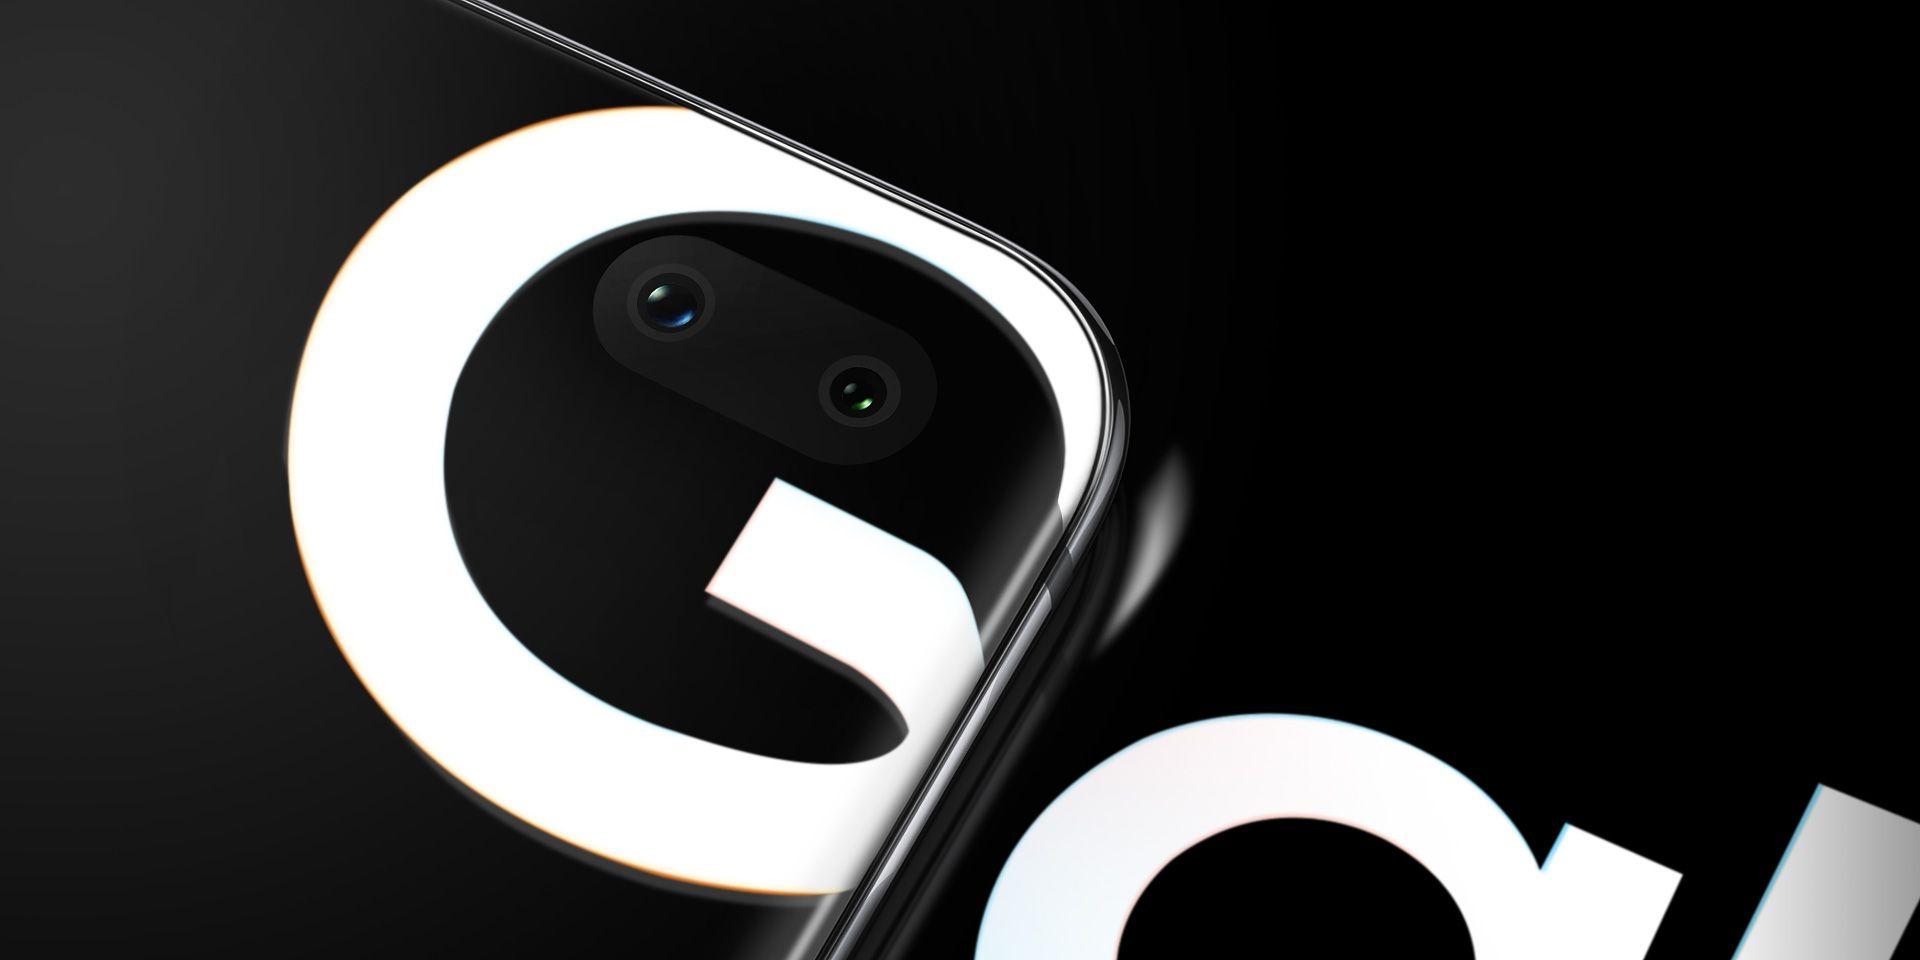 Samsung Galaxy S11e 5G kiedy premiera plotki przecieki wycieki specyfikacja techniczna informacje opinie Plus firmware